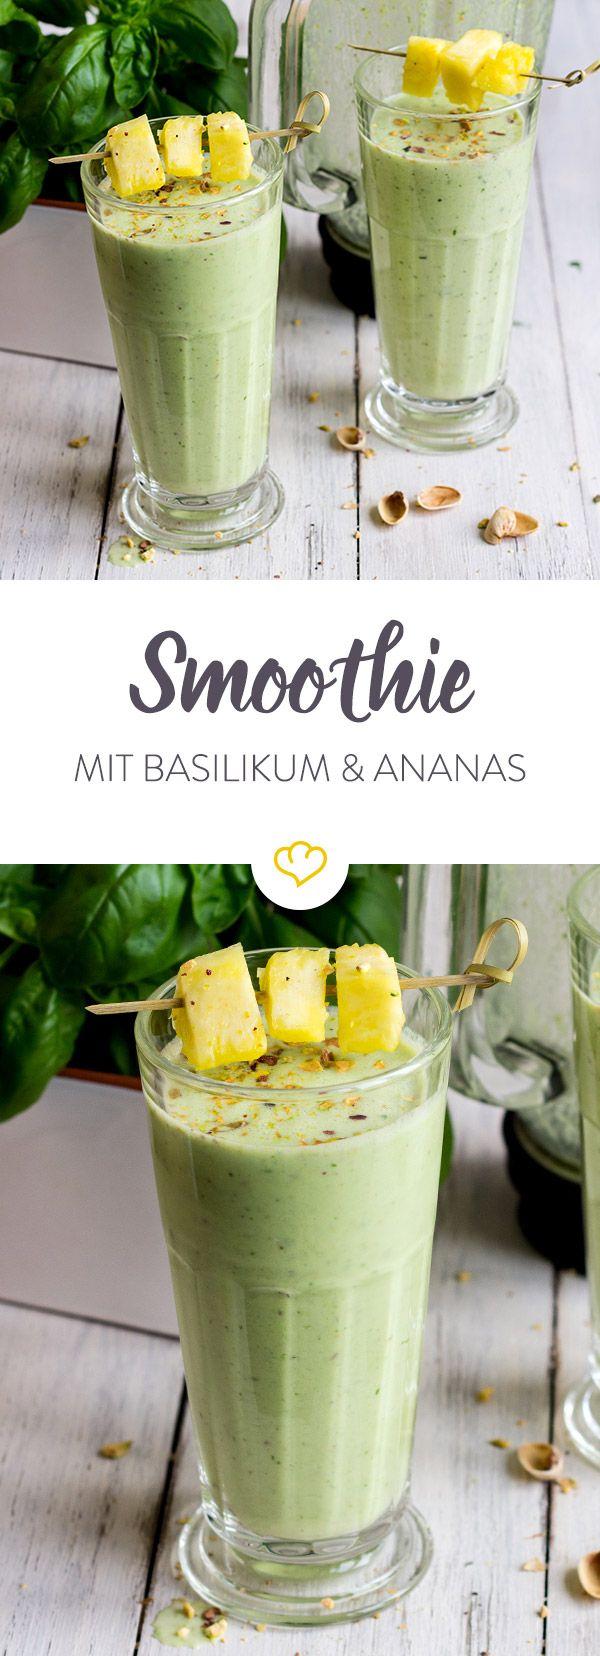 Das Rezept für den Basilikum Ananas Smoothie und viele weitere Smoothie-Rezepte gibt's im Springlane Magazin.